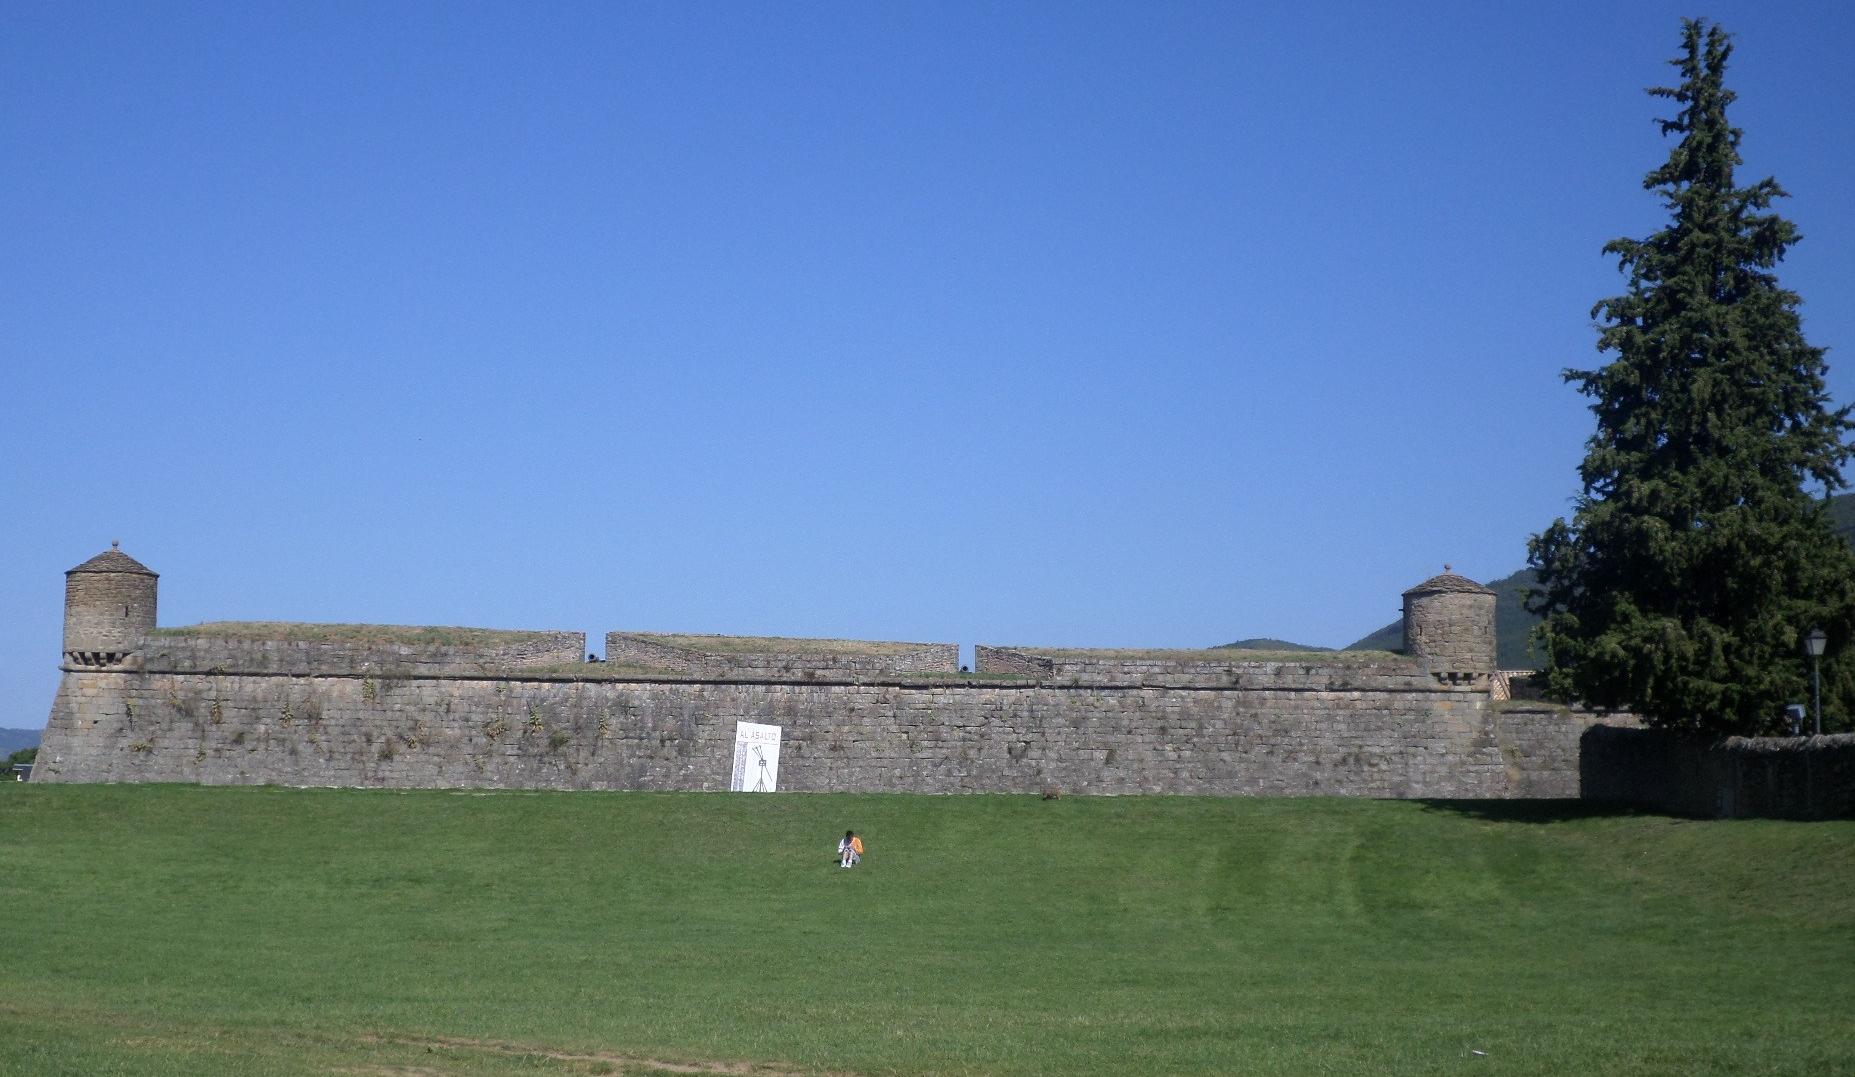 jaca-citadel-side-street-n330-to-cv-aug14